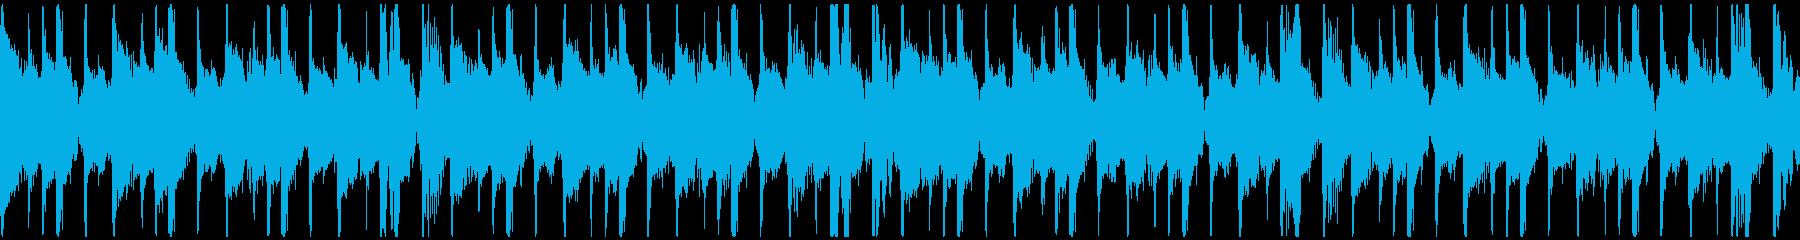 トロピカル・おしゃれ・情熱的BGMループの再生済みの波形